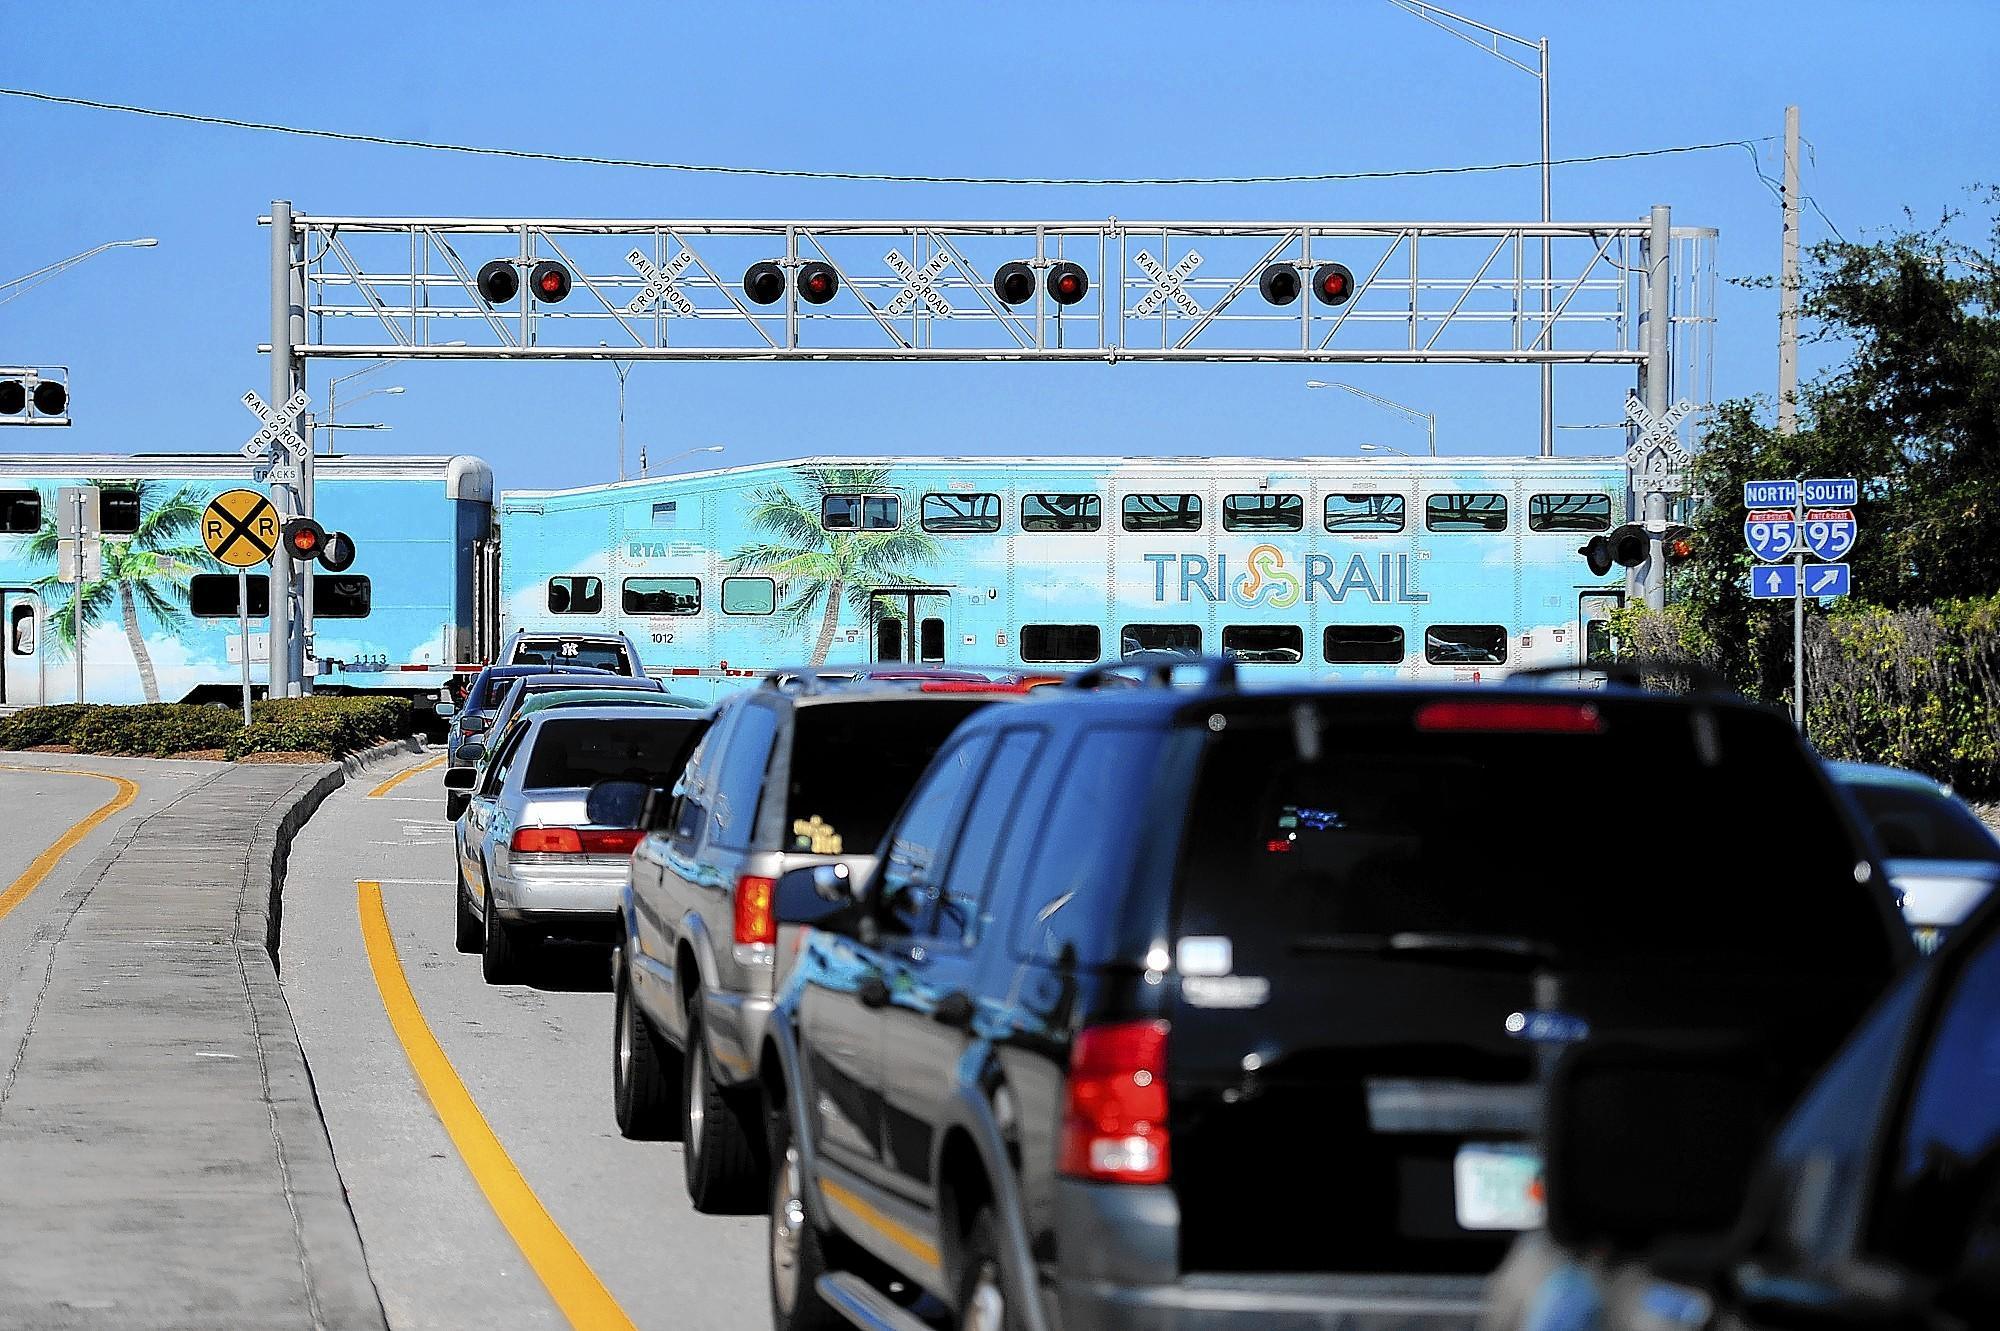 A Tri-Rail train roars south past Atlantic Avenue in Delray Beach.